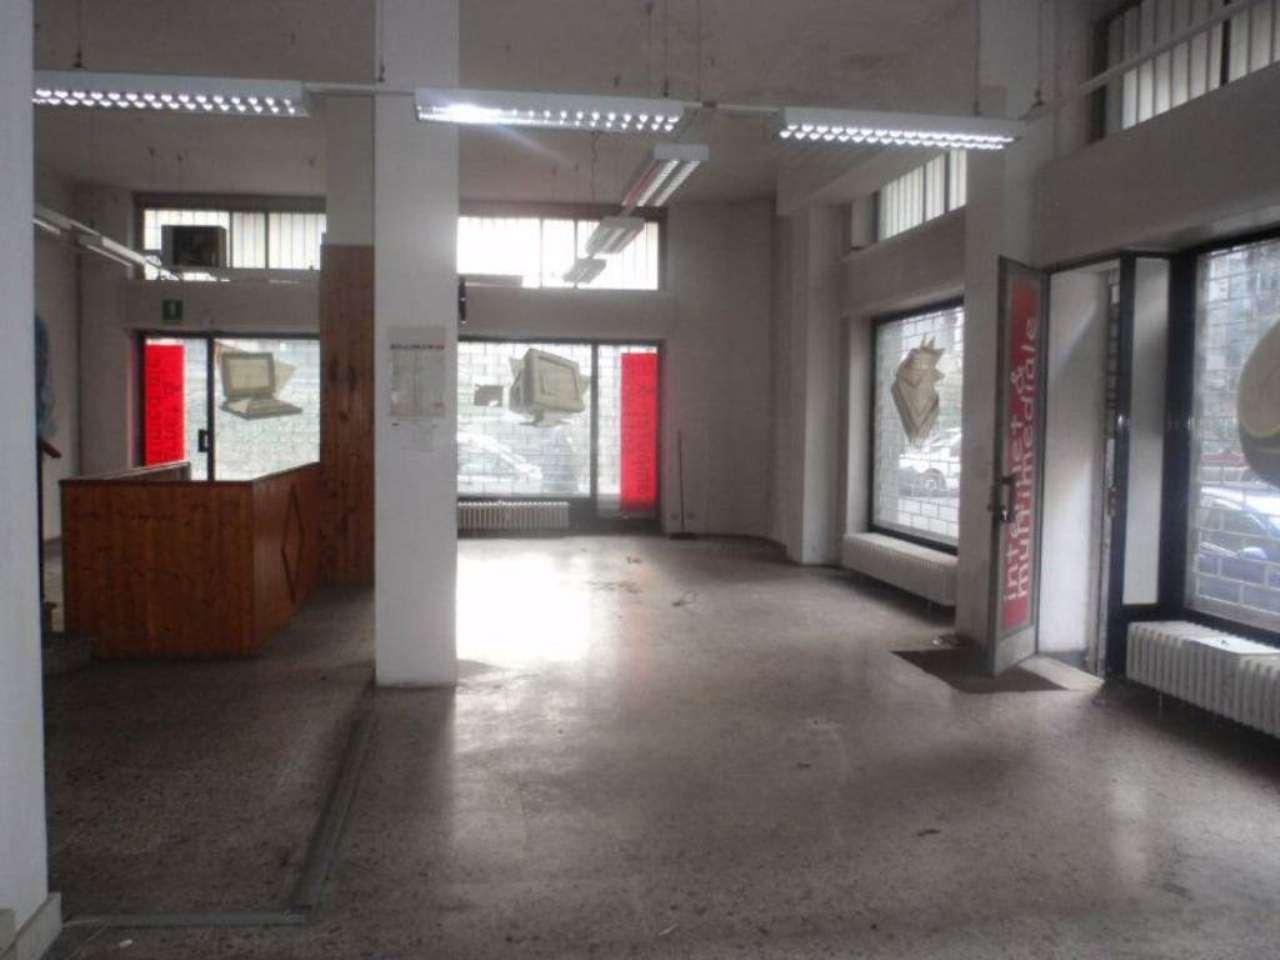 Immagine immobiliare Zona San Donato vendita ampio negozio Nel popoloso quartiere San Donato, vendiamo grande negozio plurivetrinato su 2 livelli:mq 115 di negozio vero e proprio, open space + retro e bagno, al piano strada, con 5 vetrine (3 su via Bossi e...